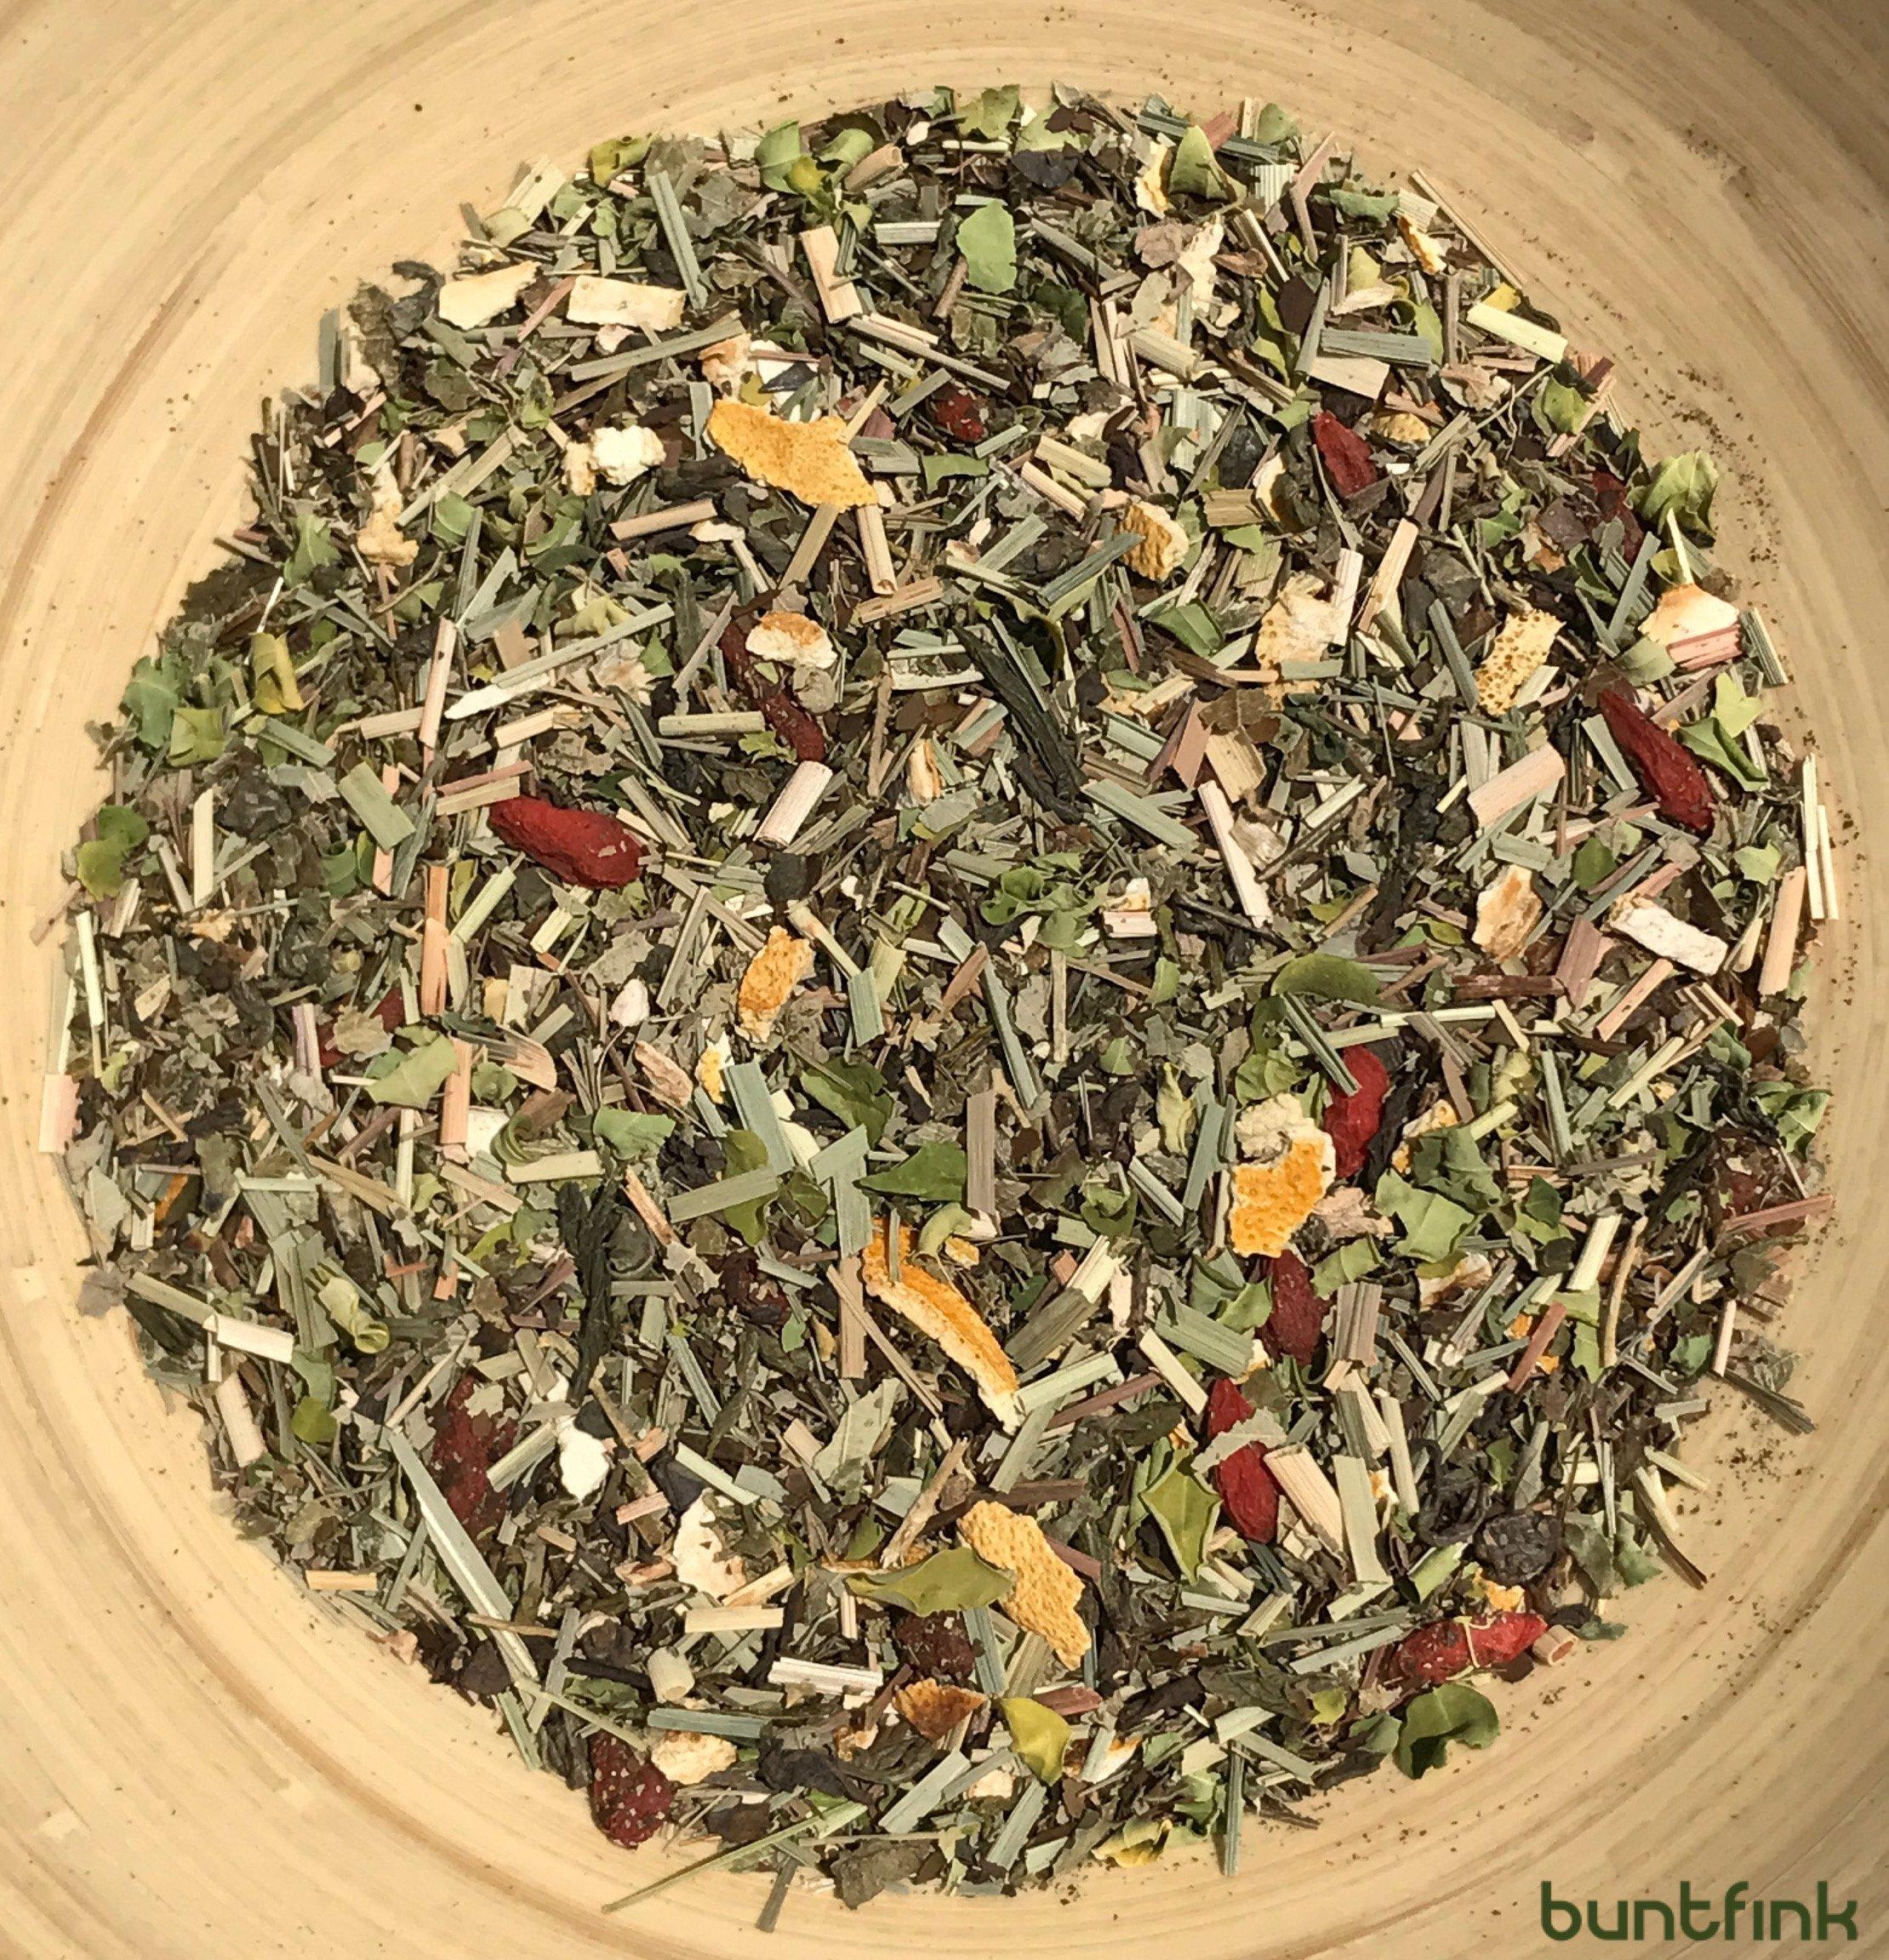 Buntfink-BoostUp-Morgen-Tee-mit-Koffein-Teein-Yerba-Mate-Sencha-Grntee-Goji-Moringa-100-natrlicher-Krutertee-aus-Deutschland-60g-loser-Tee